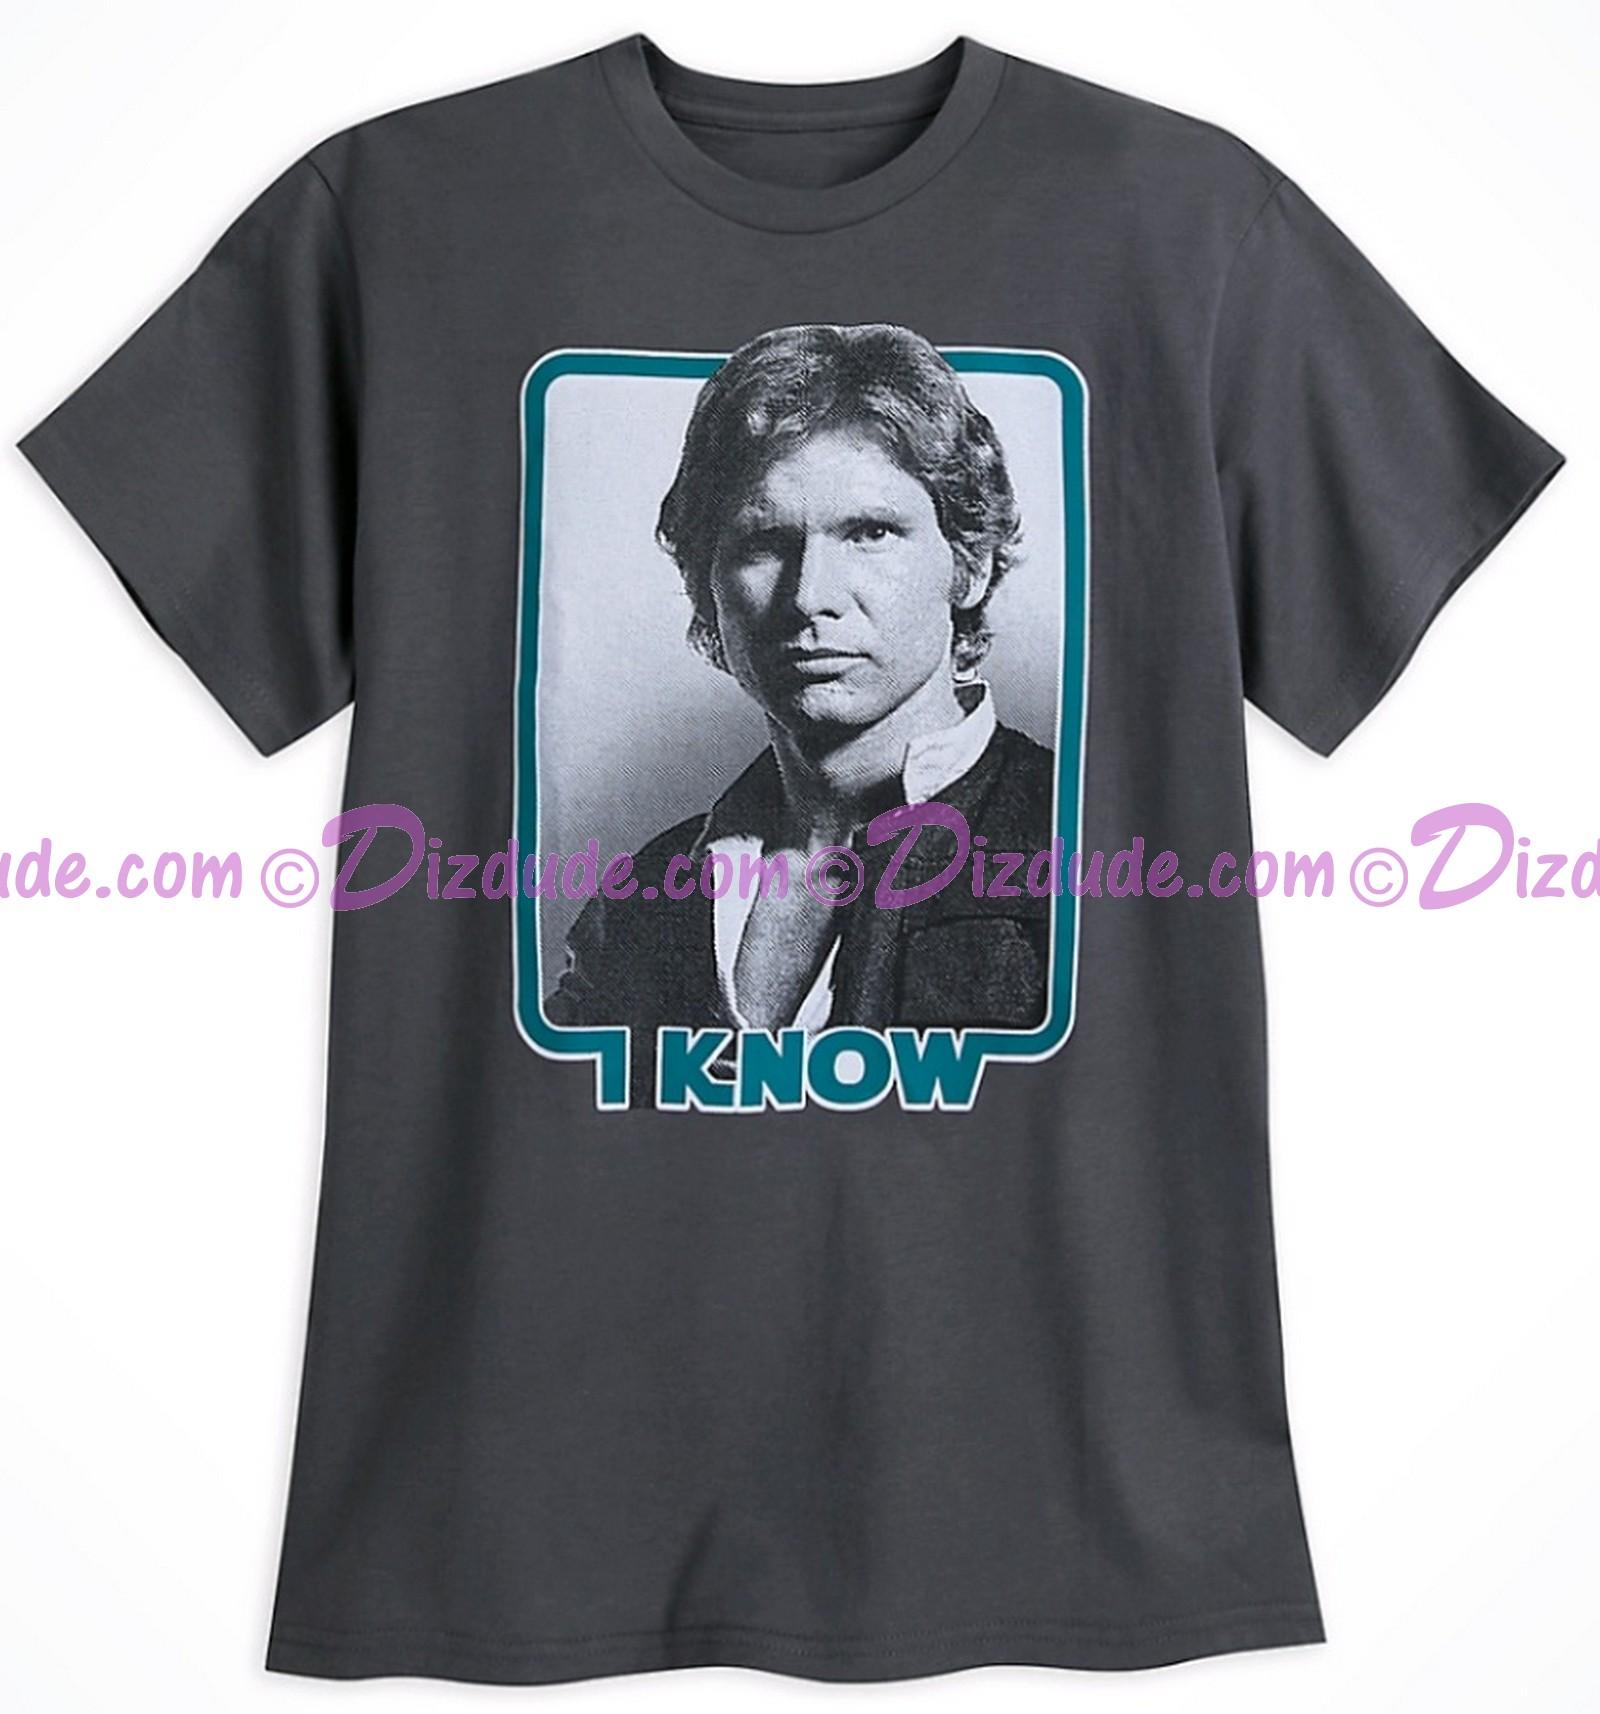 Vintage Star Wars Han Solo I Know Companion Adult T-Shirt (Tshirt, T shirt or Tee) © Dizdude.com